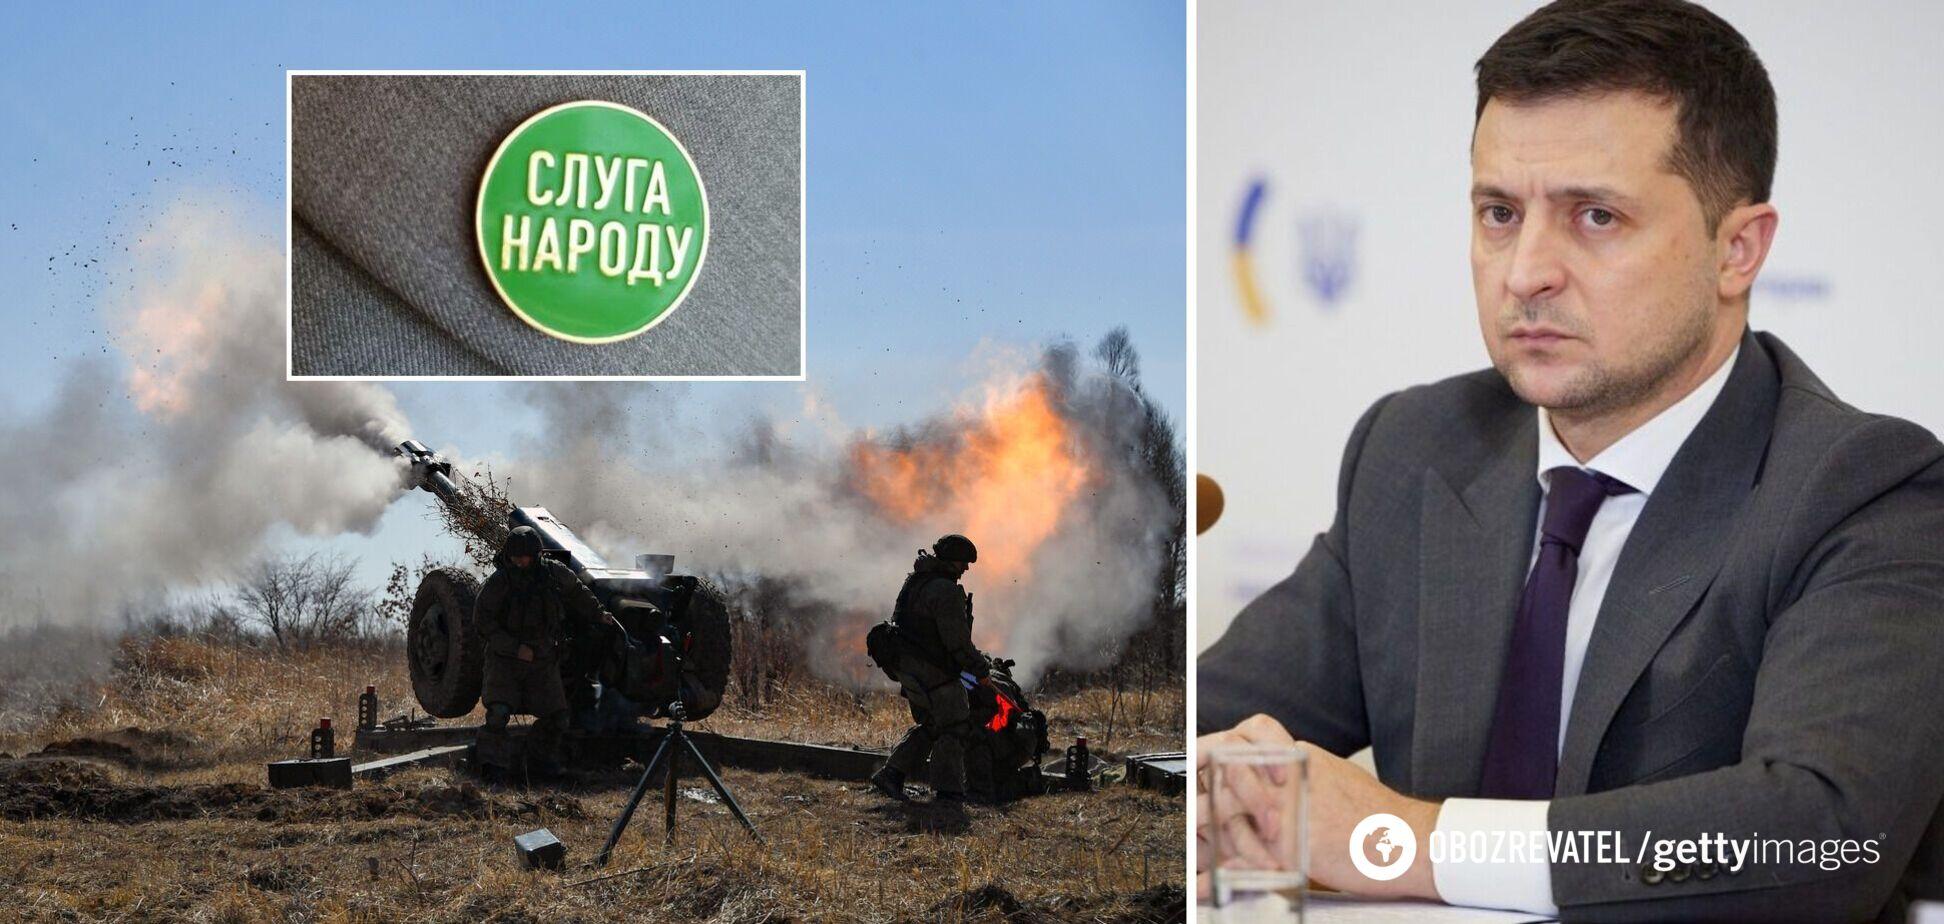 'Слуги' призвали Зеленского разорвать дипломатические отношения с Россией